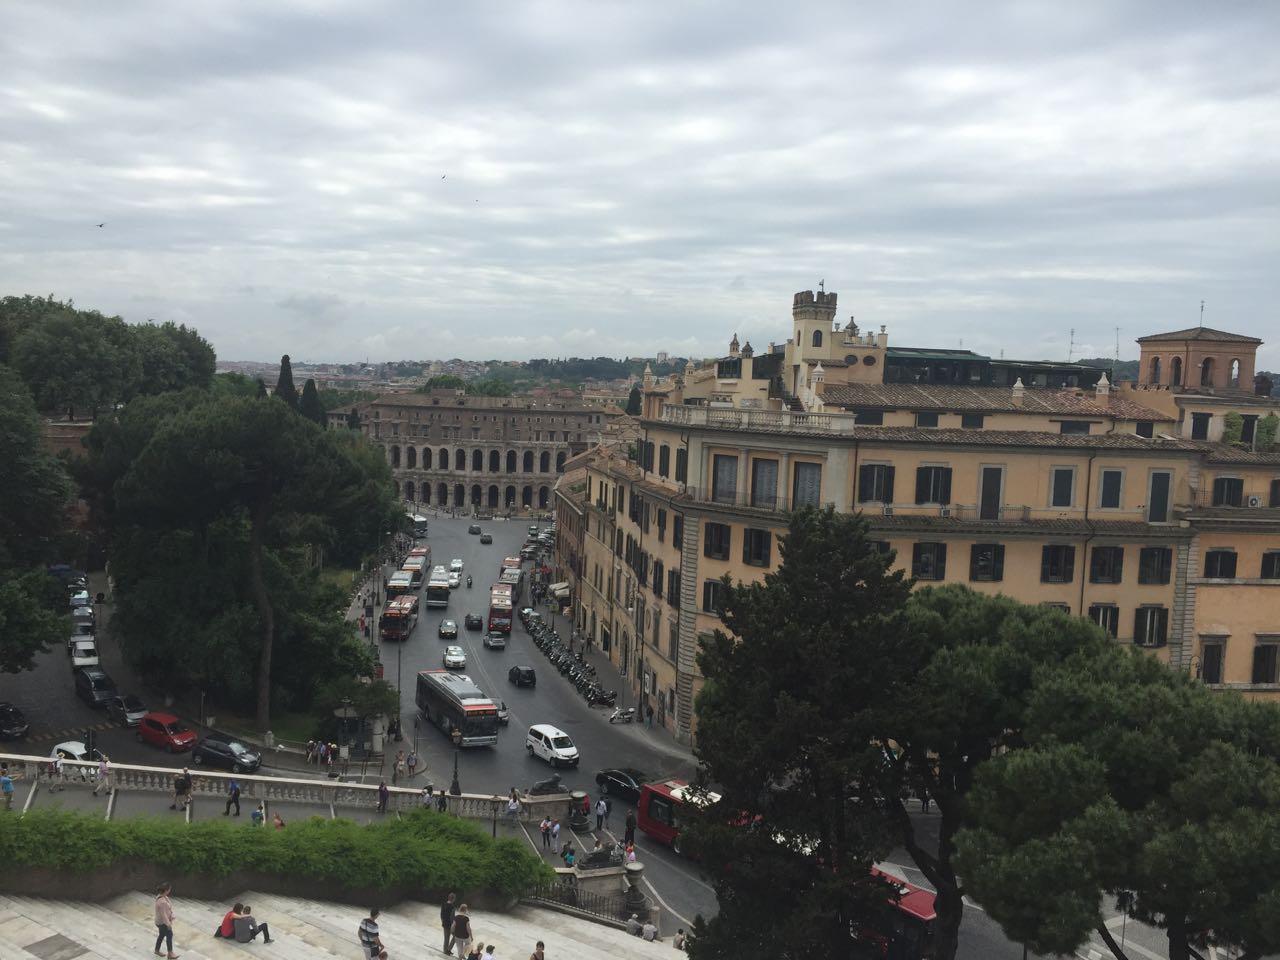 1FT Rome Italy - Campitelli - Lazio, May 20, 2015 - 46 of 75